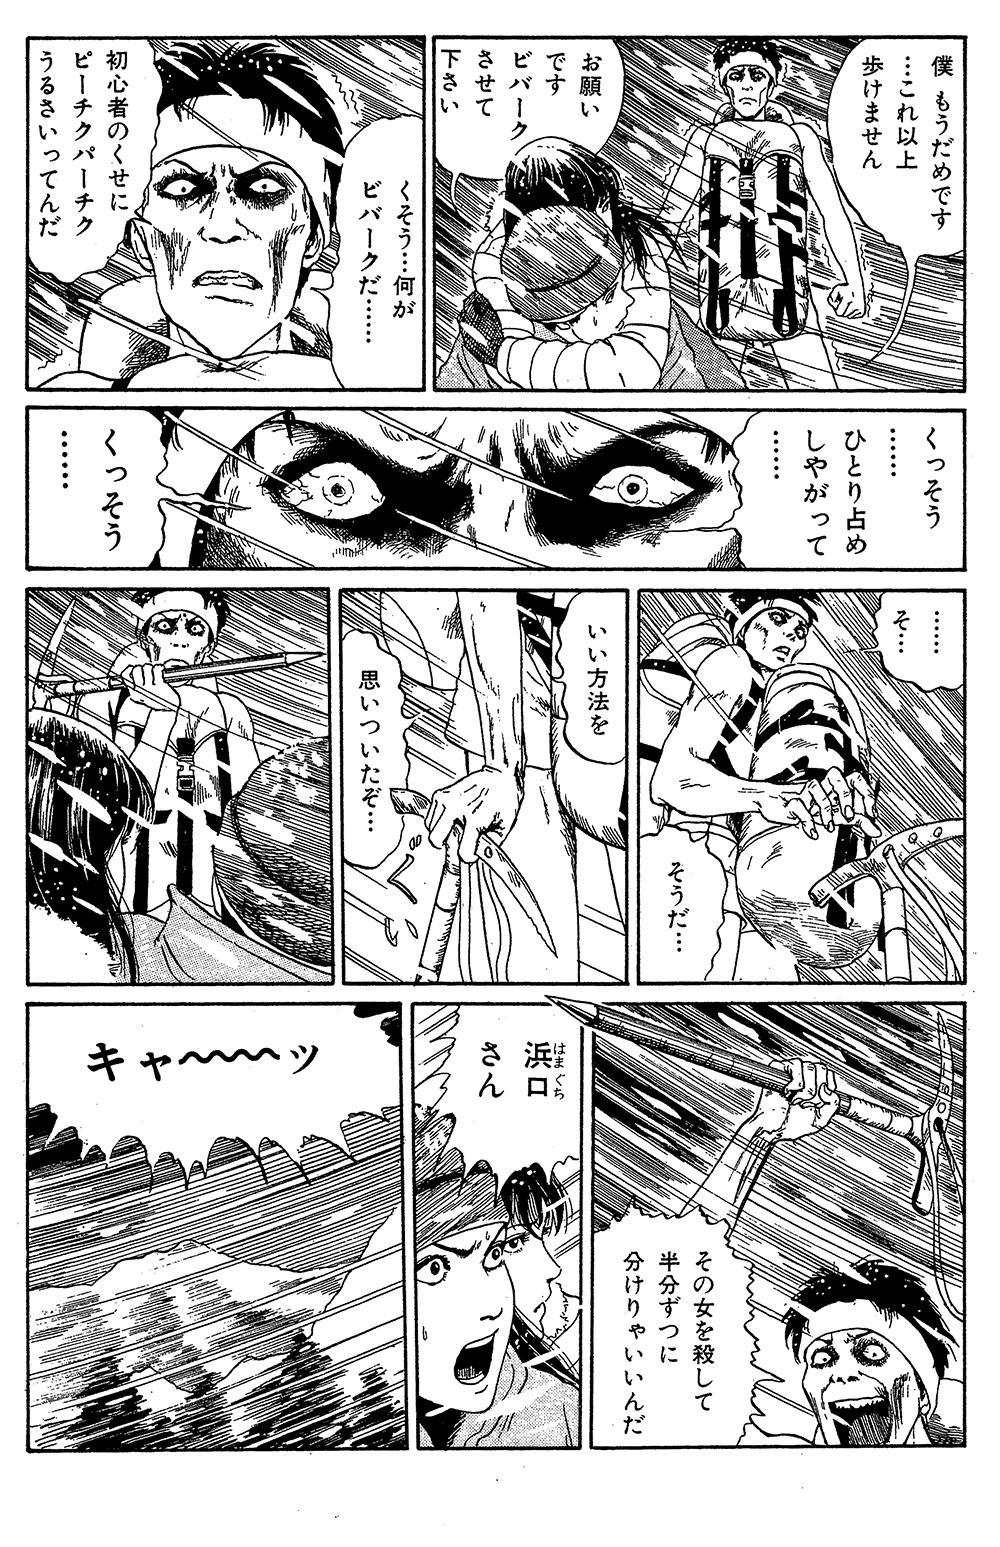 伊藤潤二傑作集 第7話「富江・復讐」2itouj24-0293.jpg